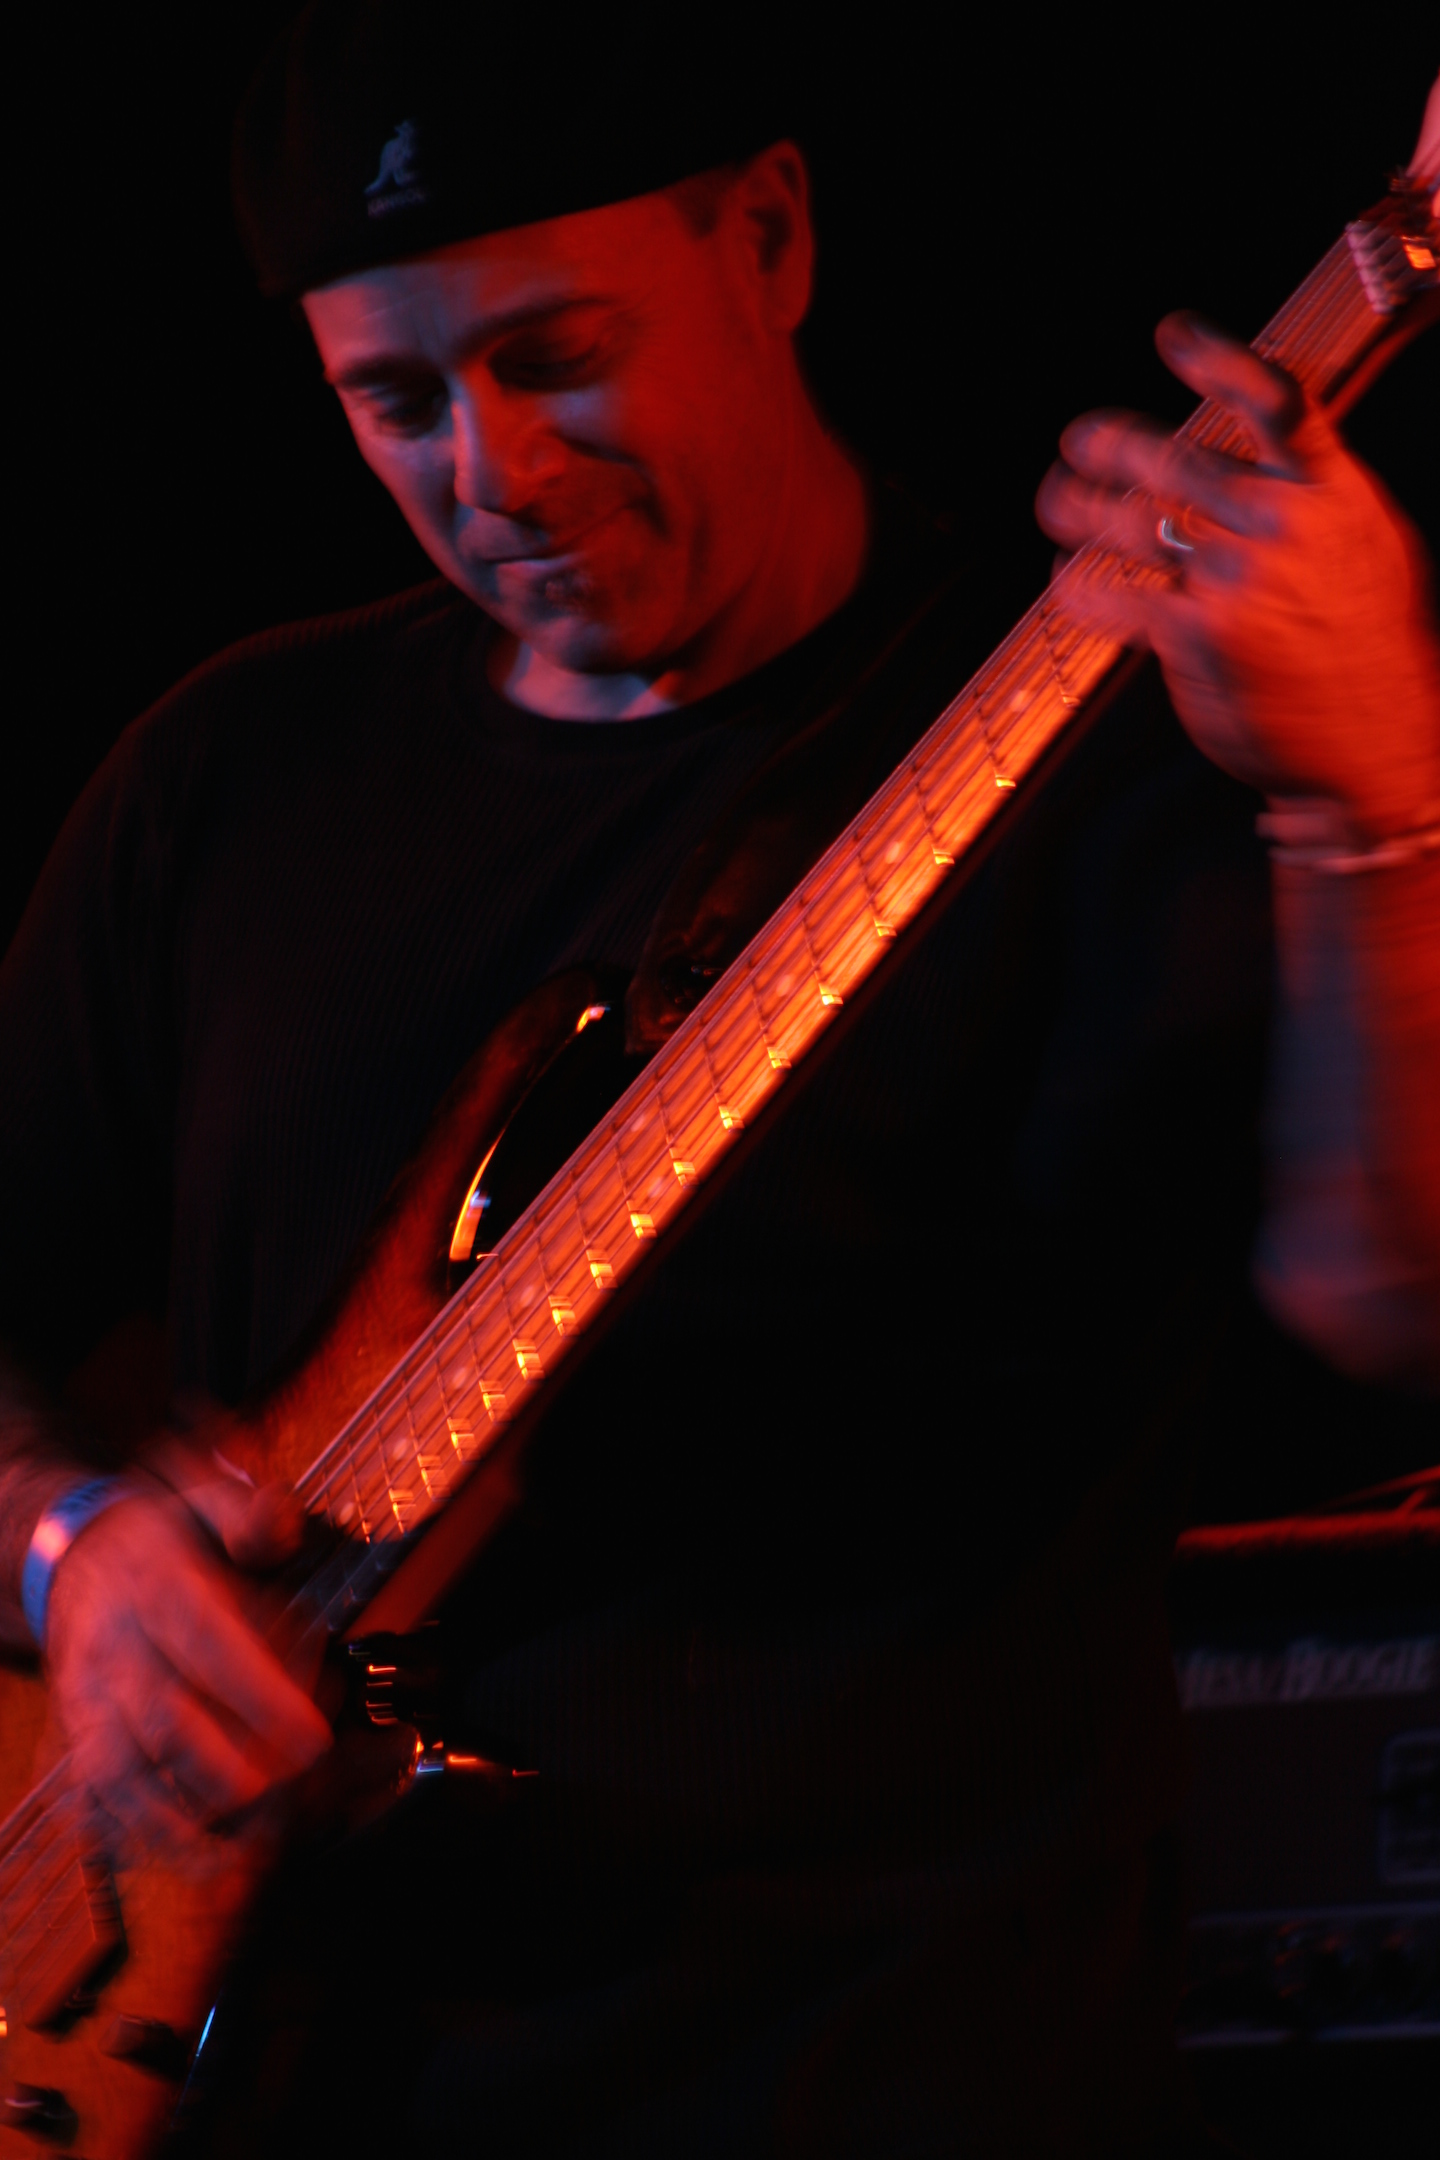 Peter Trahan